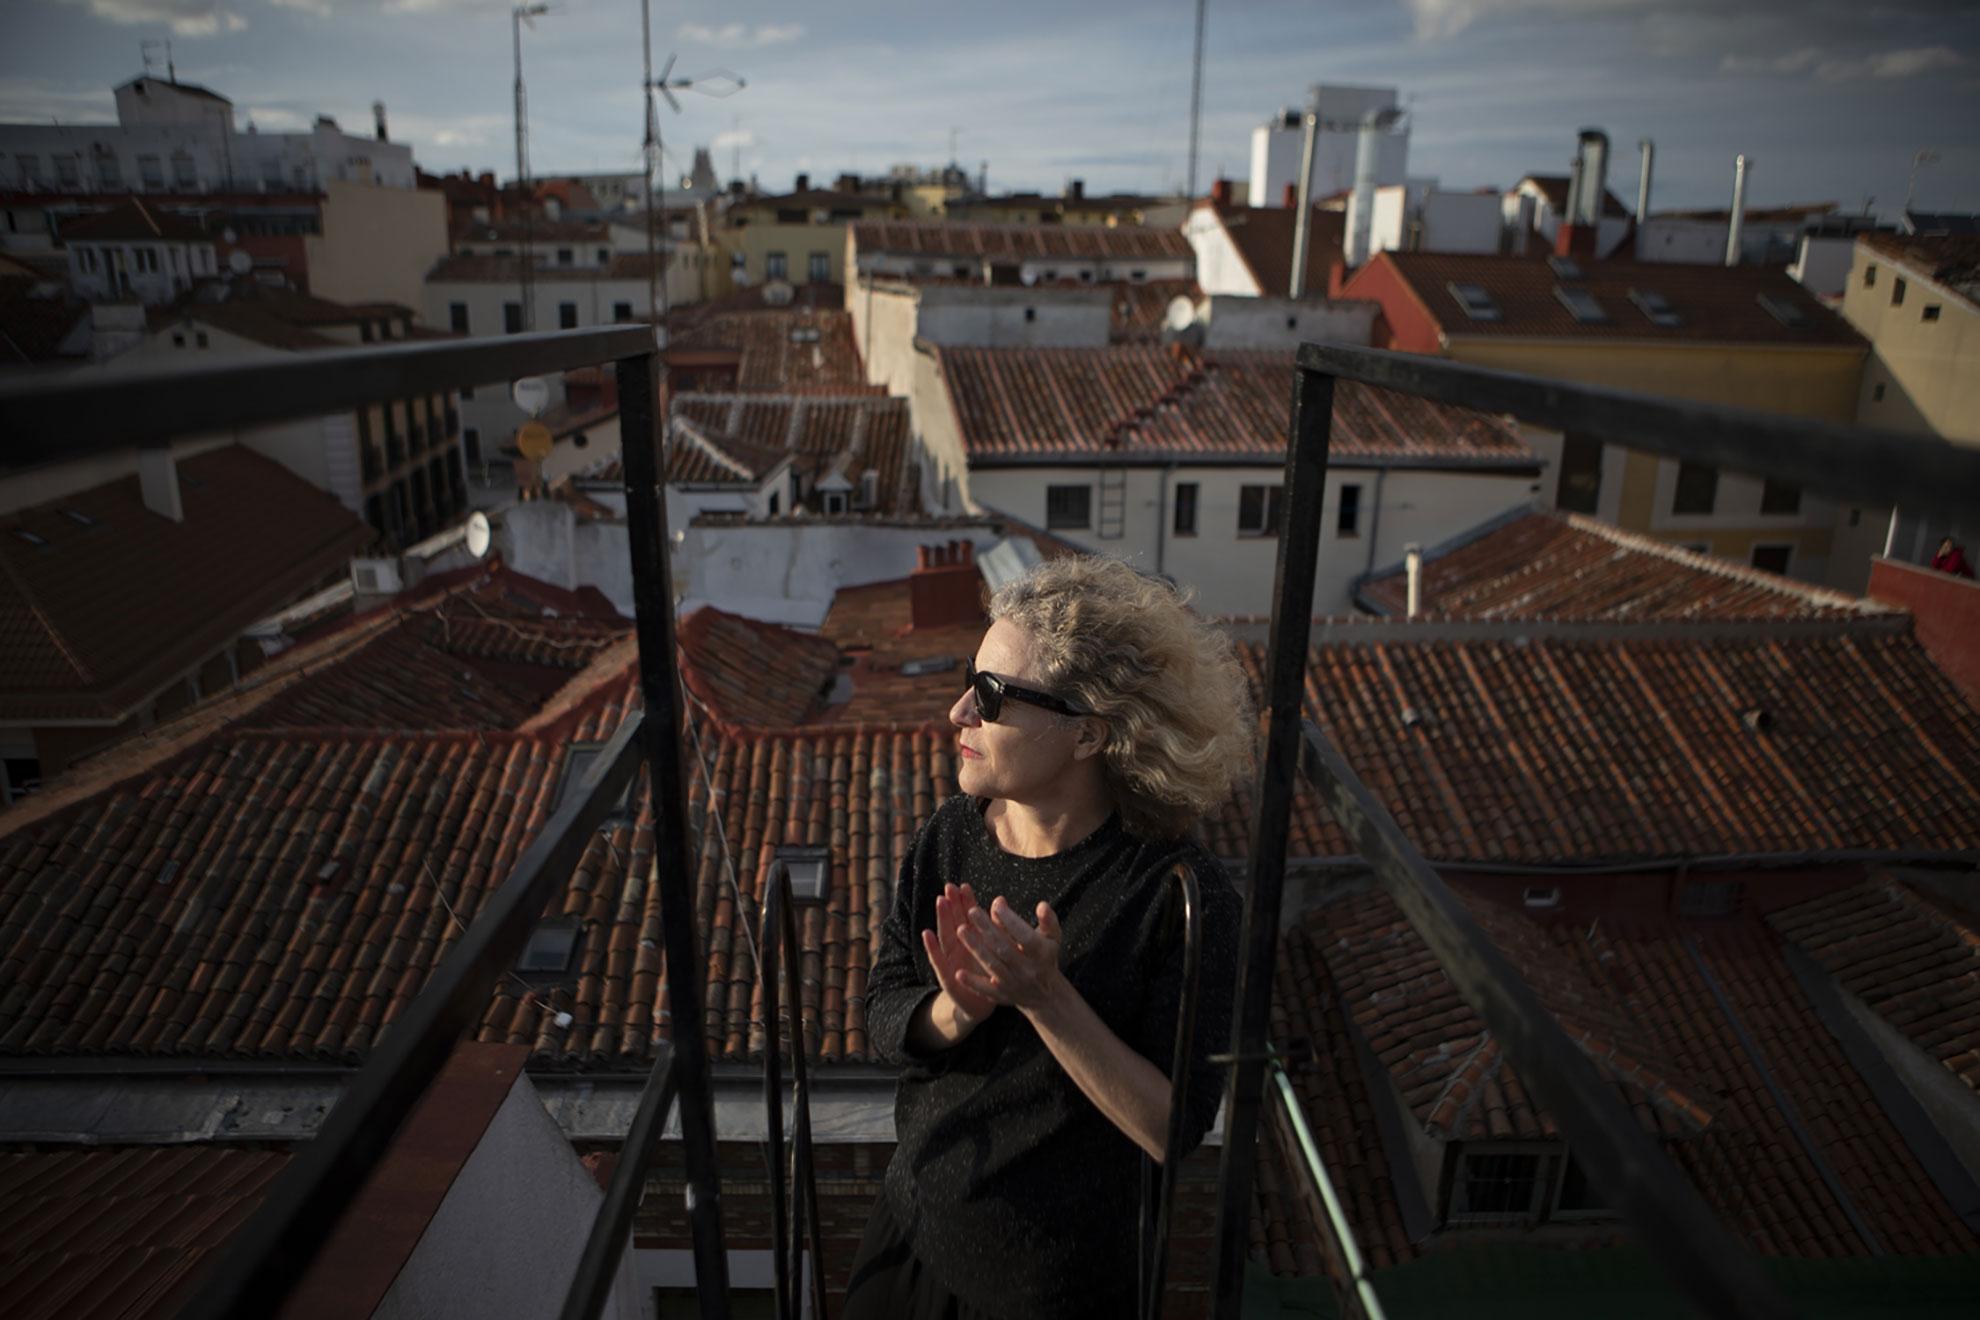 """María (49) nació en Madrid, como sus padres y sus abuelos. Es investigadora en temas de arte y educación, y trabaja en el museo Reina Sofía, ahora desde casa. Vive con sus hijas en el barrio de Lavapiés, con ellas ha establecido horarios para que sigan con sus tareas escolares y estar lo mejor posible a nivel psicológico. Y juntas han reflexionado sobre muchas cosas. """"El Covid-19 nos está obligando a repensar todas las cuestiones sociales, los tiempos, y los trabajos. Hemos hecho un parón con el modelo capitalista, y eso puede estar bien, pero luego qué"""", se pregunta. """"Yo veo que mis hijas ahora con tres horas al día resuelven sus materias, al trabajar de forma individualizada y activa, mientras en la escuela le dedicarían ocho… Creo que es una cuestión que merece atención: ¿pasan todo ese tiempo en el colegio por un tema de aprendizaje o de custodia?""""."""